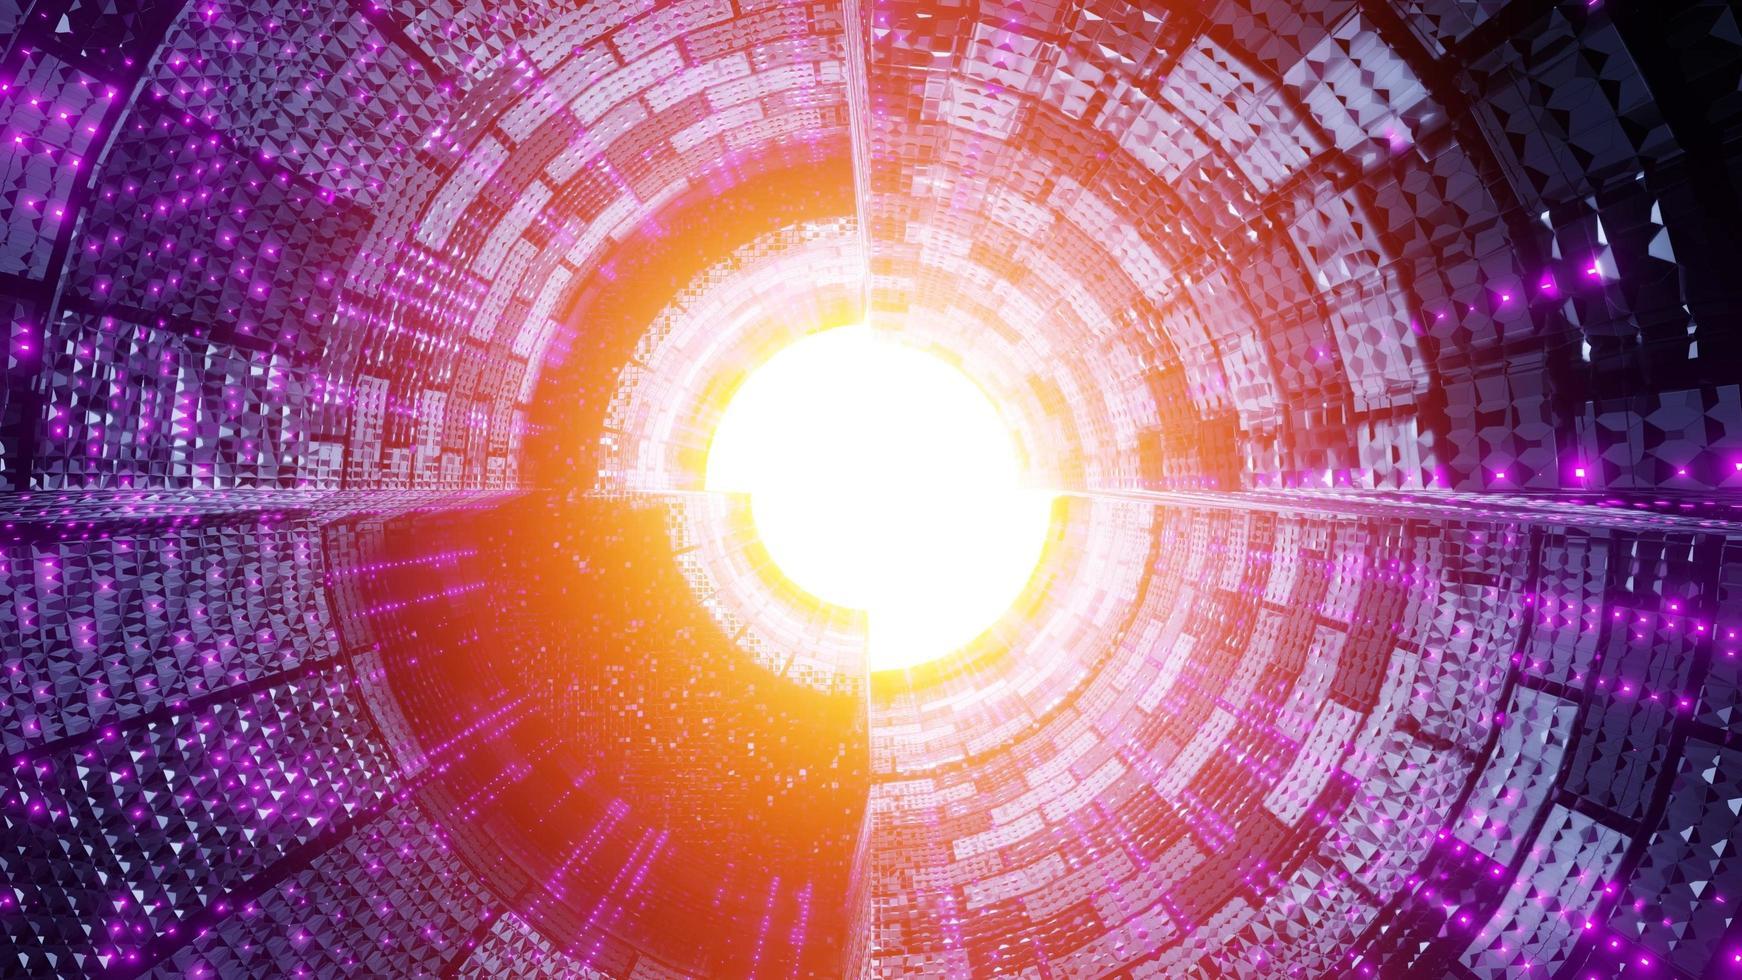 tunnel de vaisseau spatial futuriste, un fond d'écran 3d illustration photo